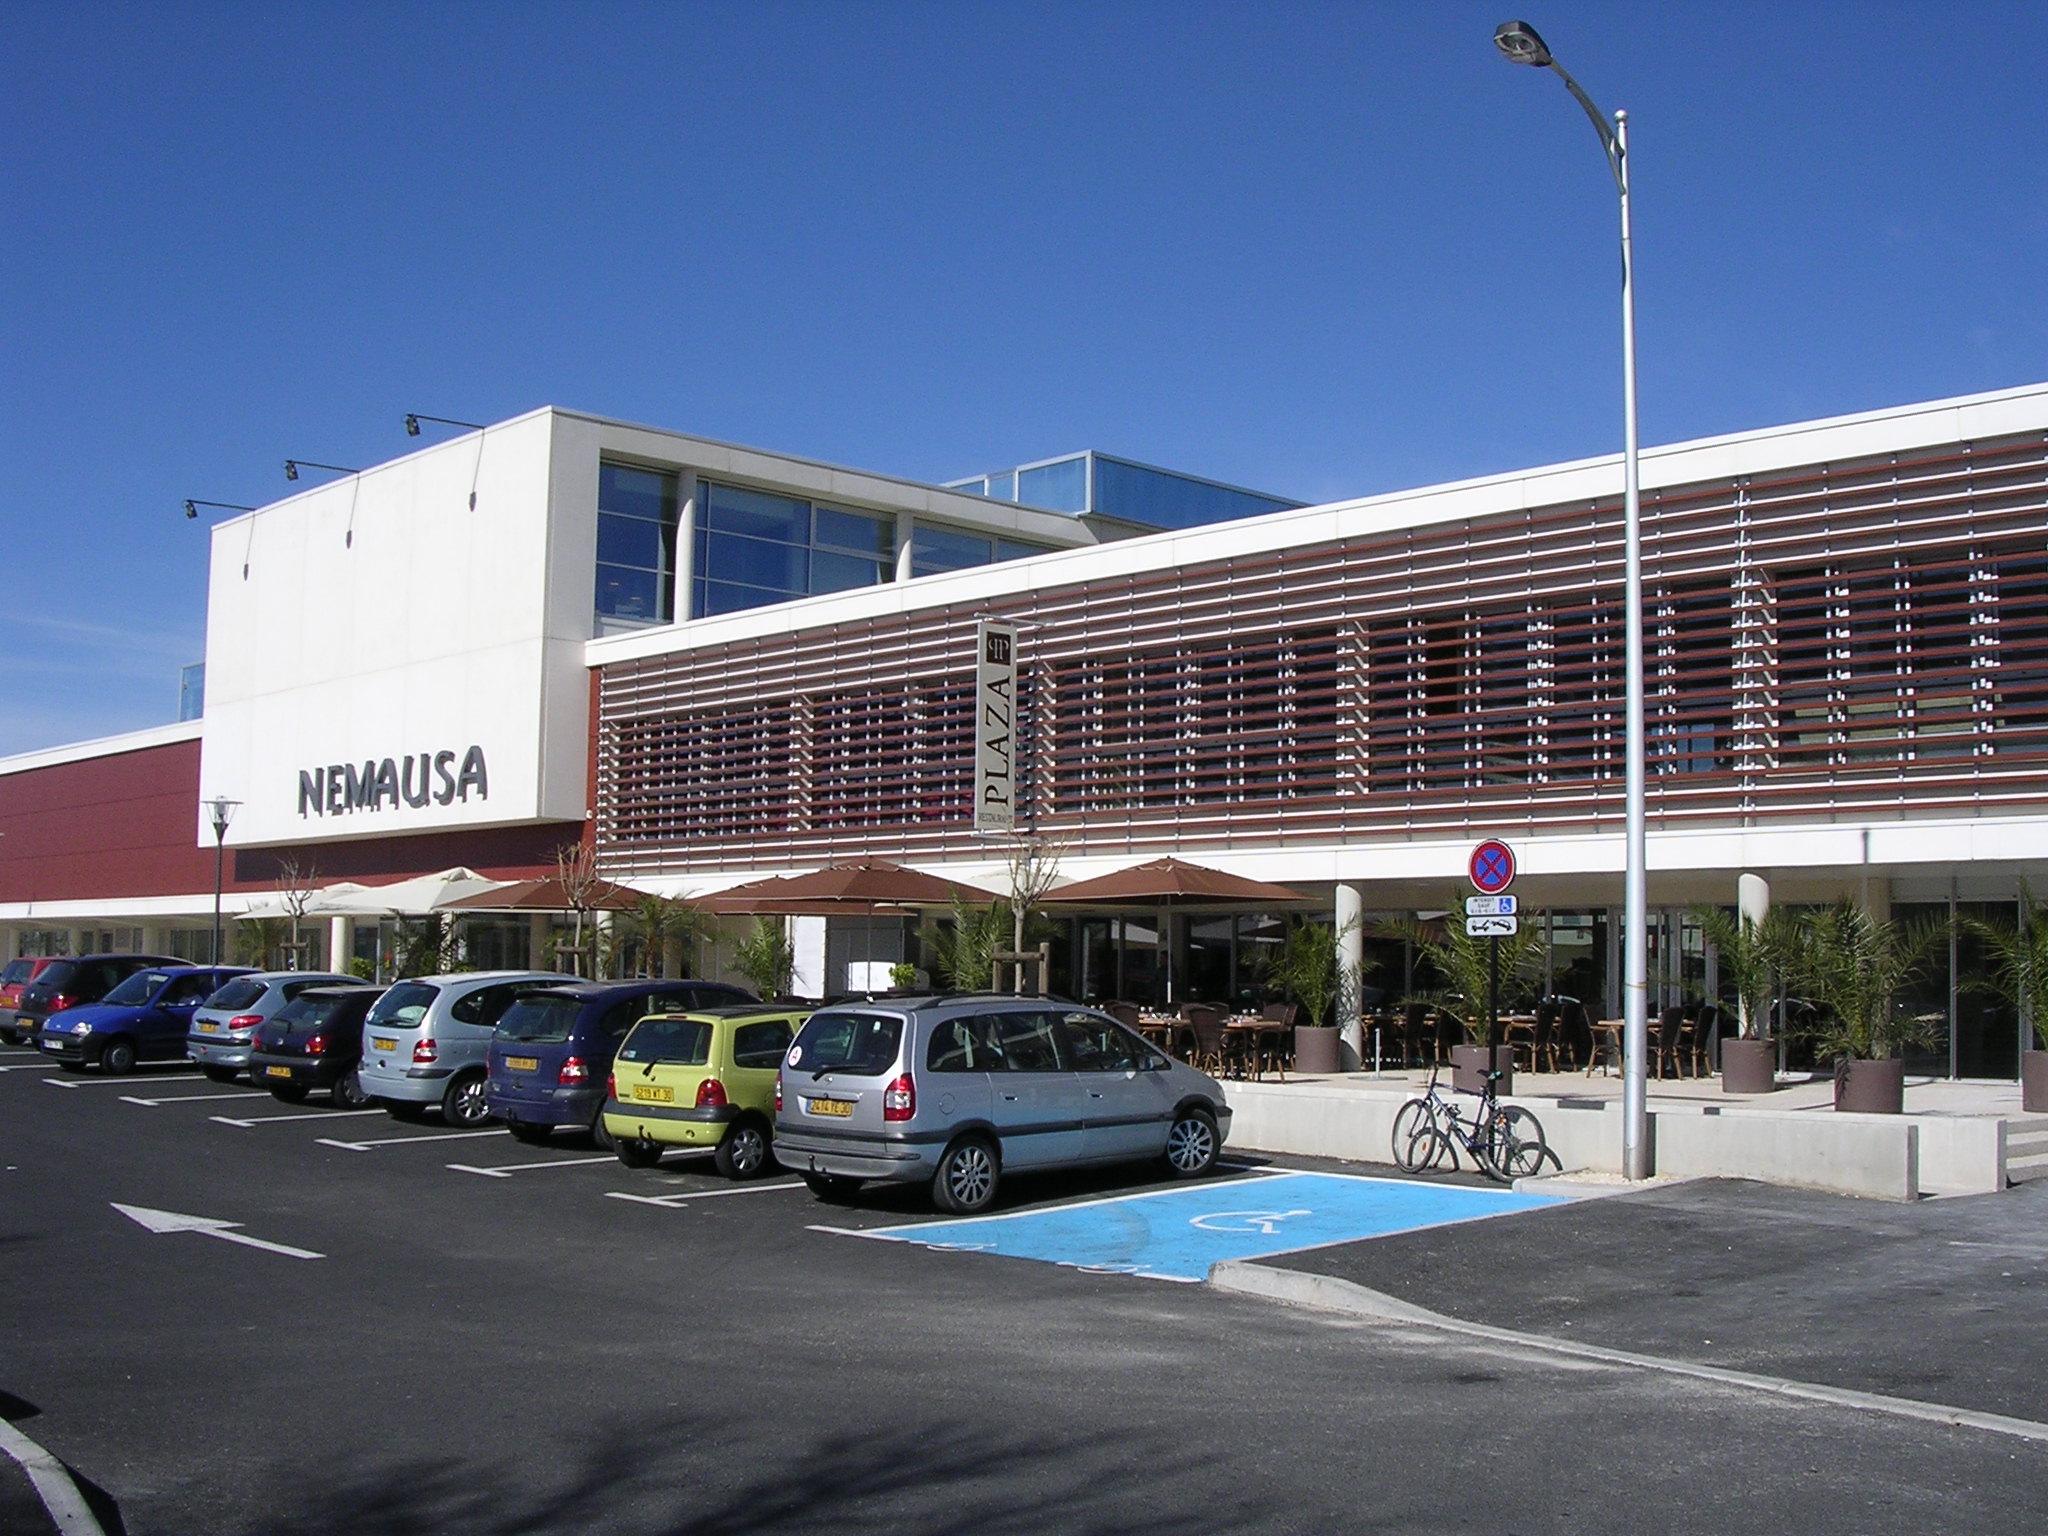 File:nîmes La Piscine Olympique Nemausa.png - Wikimedia Commons destiné Piscine Nemausa